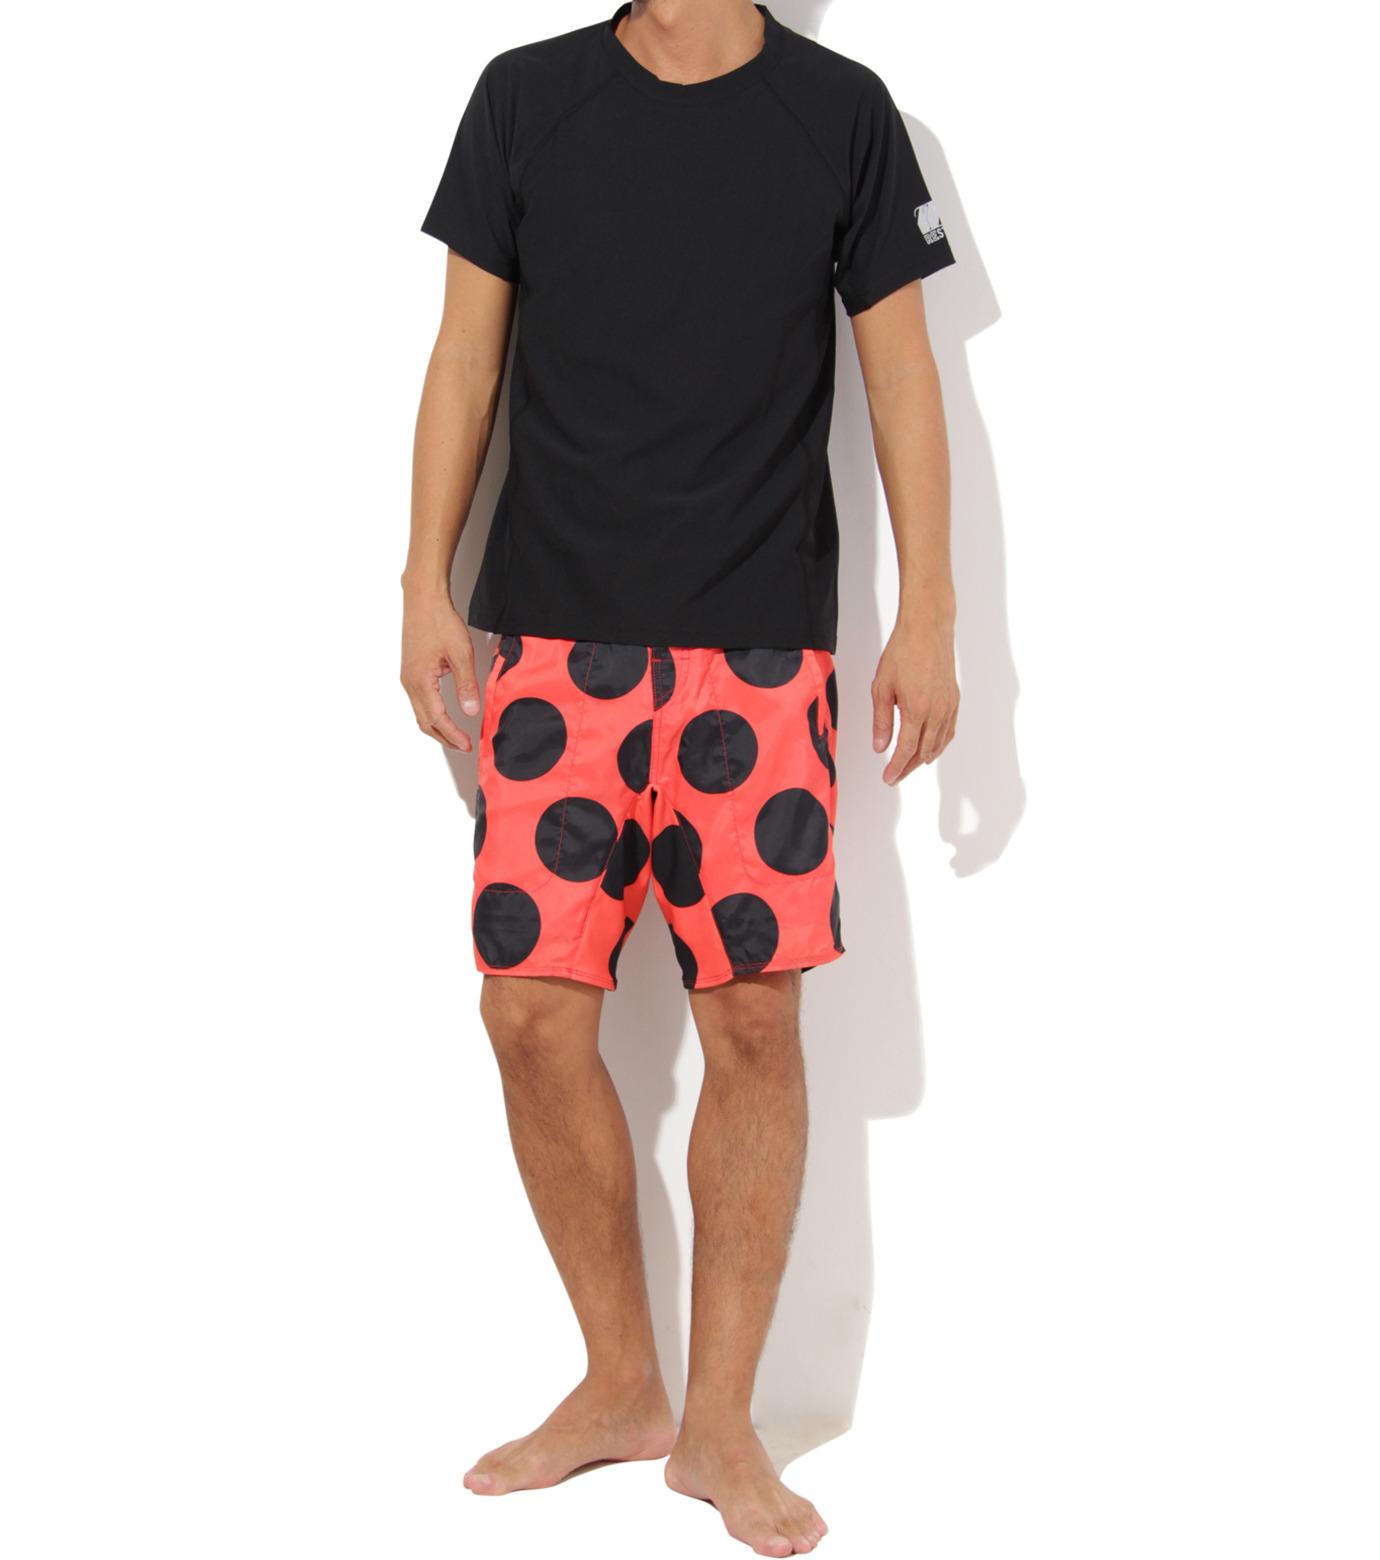 TWO TWO ONE(トゥートゥーワン)のDot surf shorts-BORDEAUX(SWIMWEAR/SWIMWEAR)-15N98003-63 拡大詳細画像5